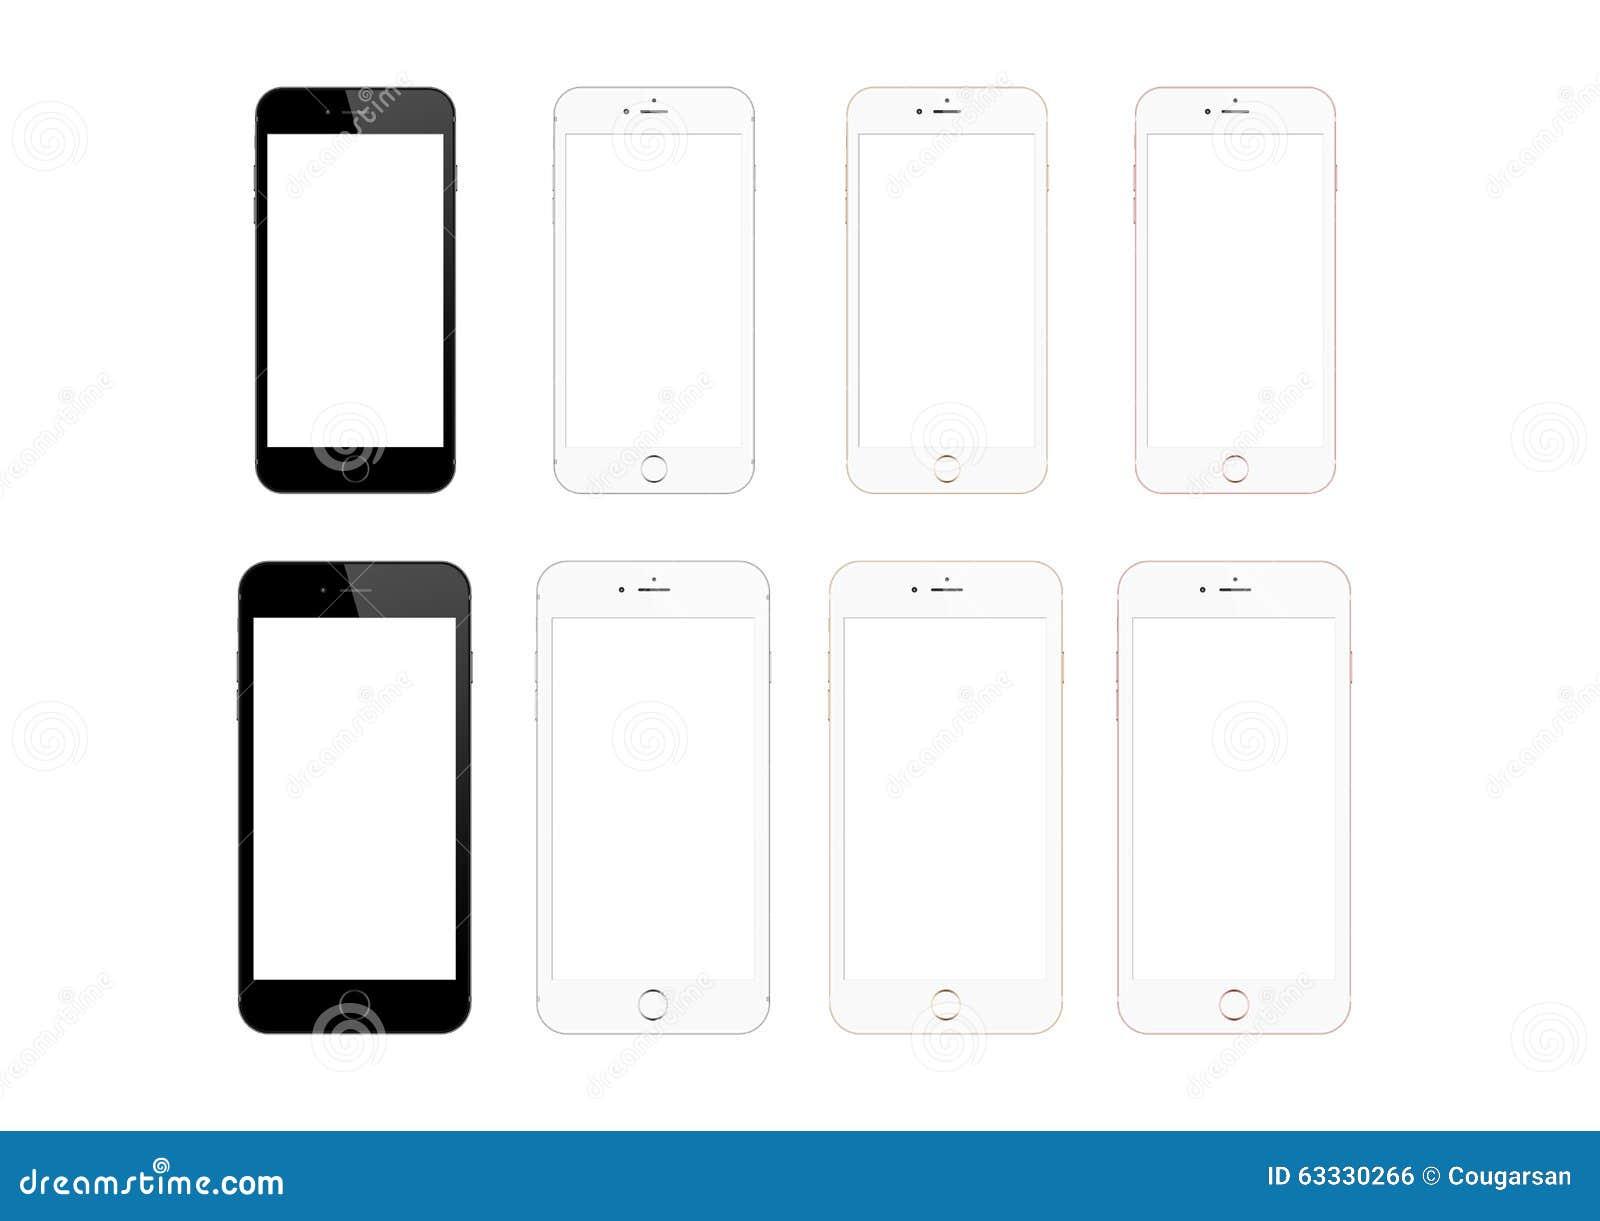 du business plan iphone 6s plus gold